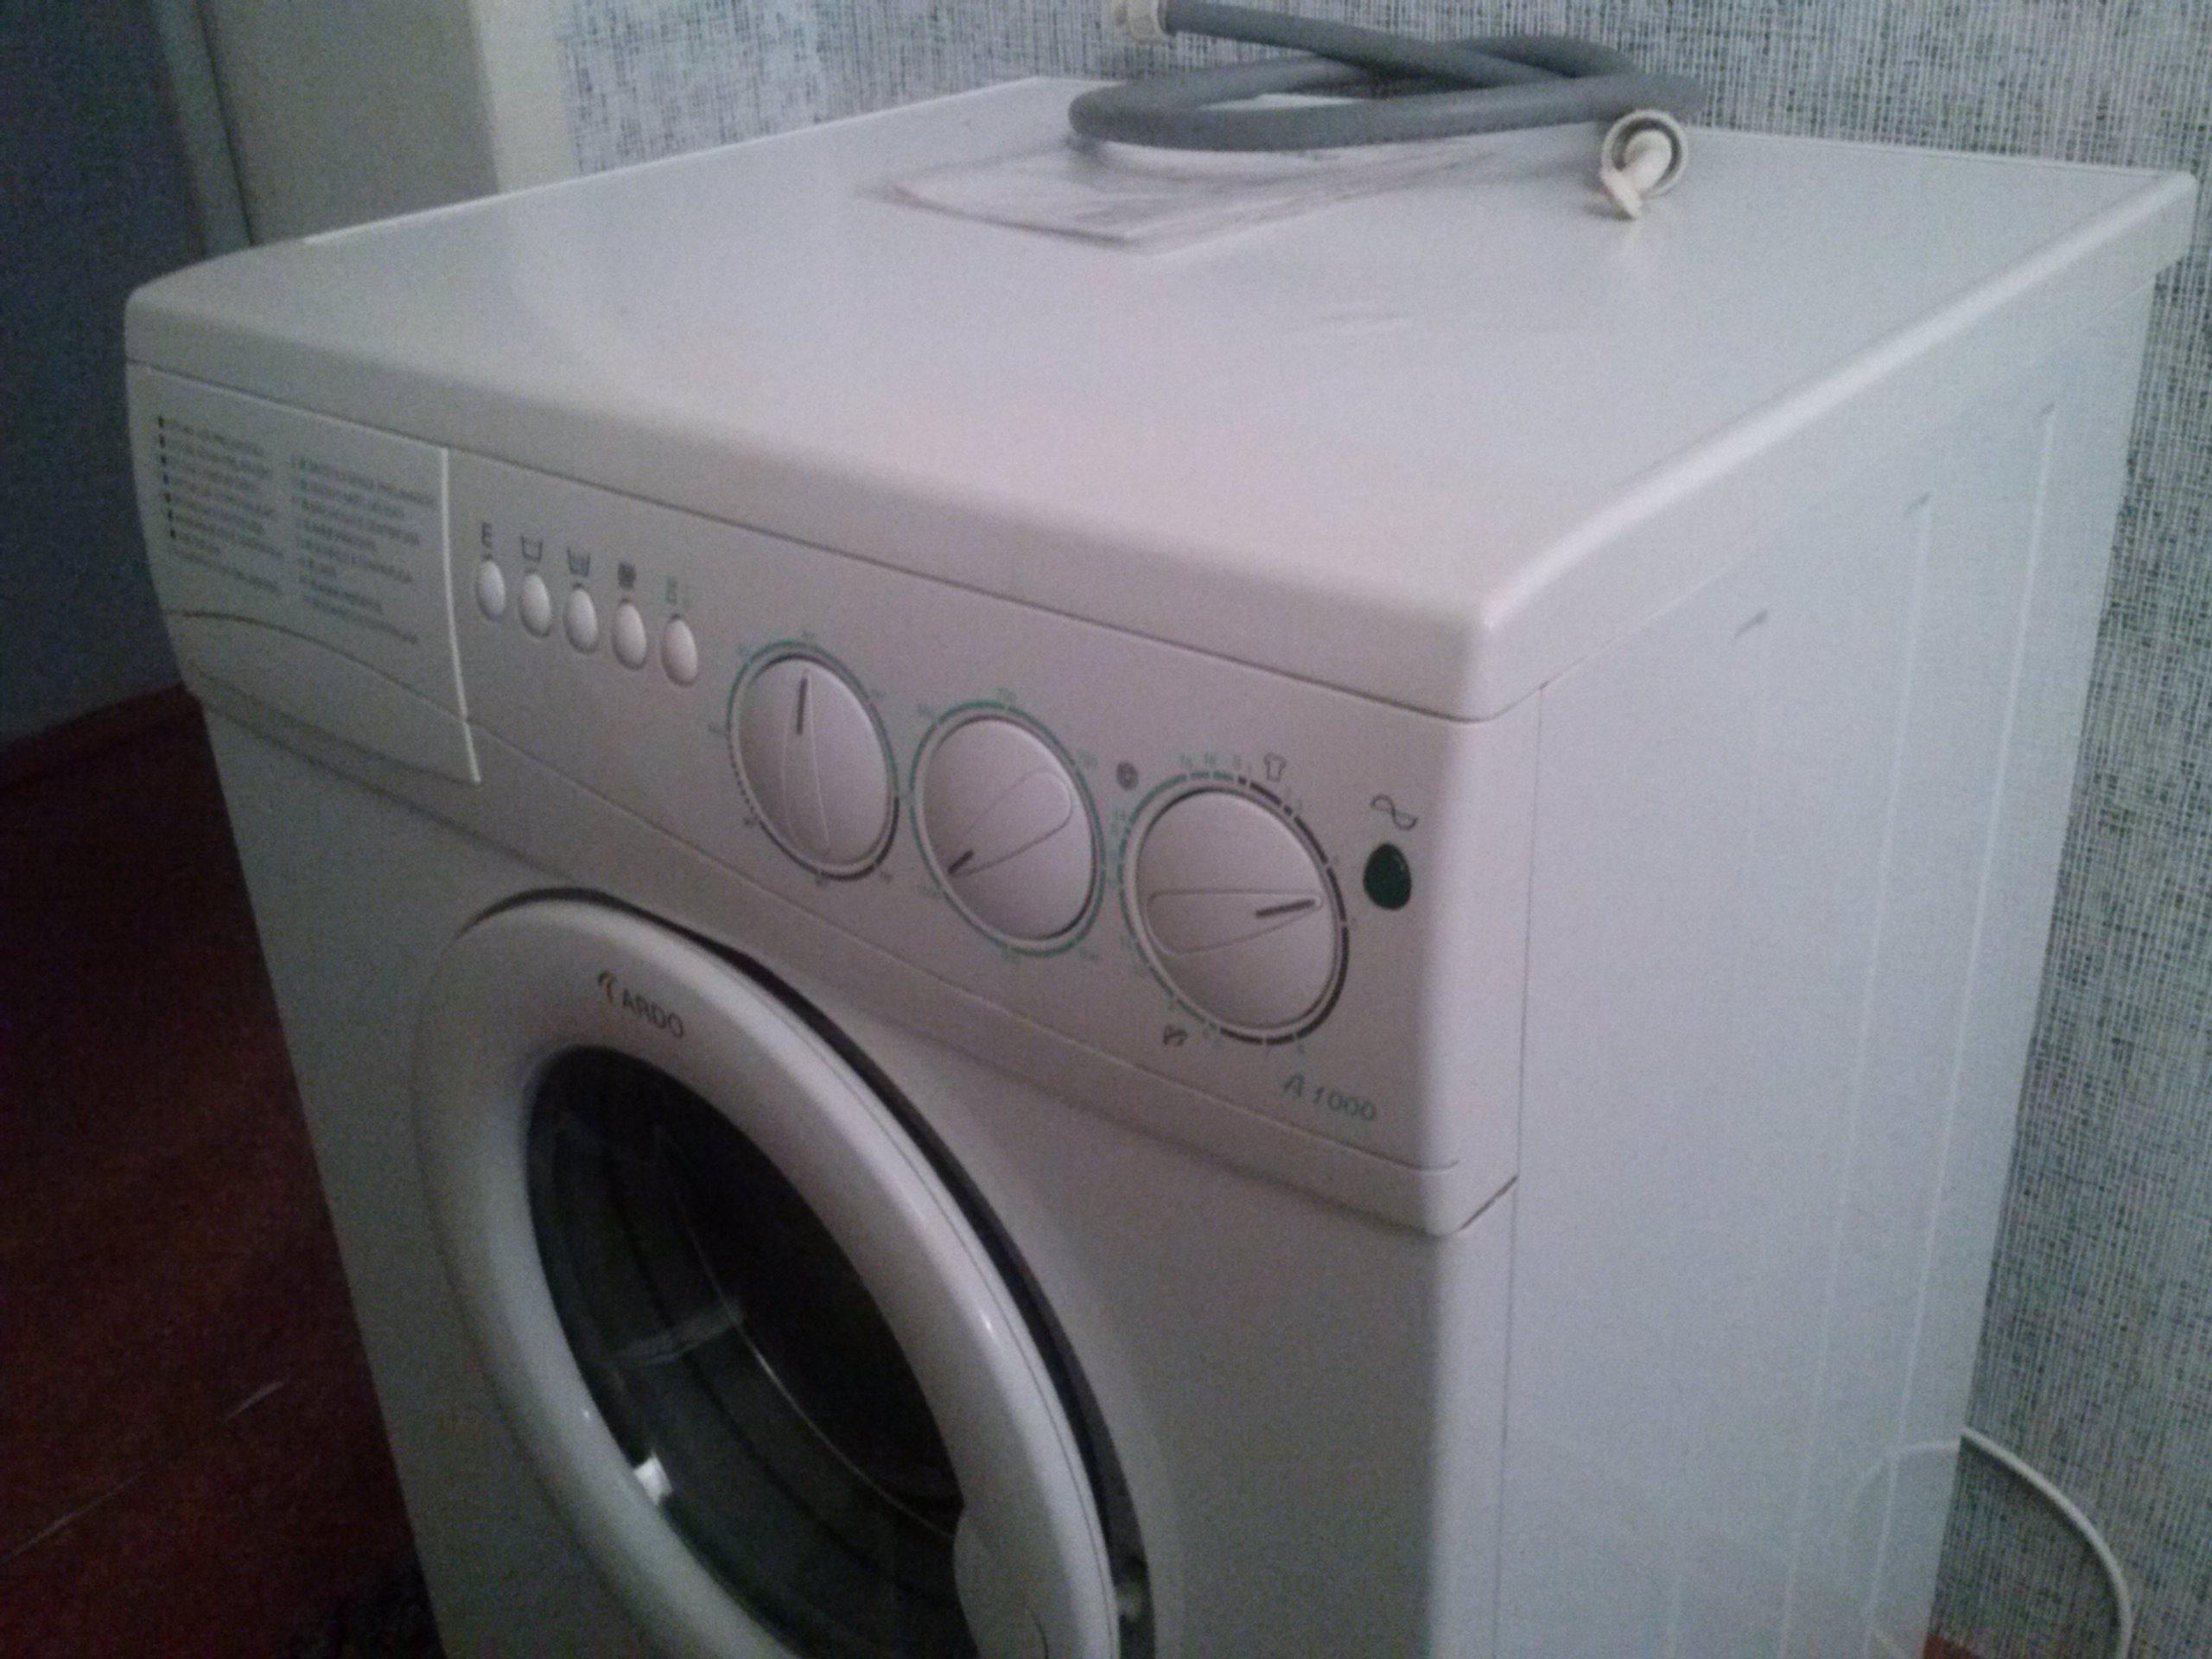 машинка стиральная инструкция аег око лавамат